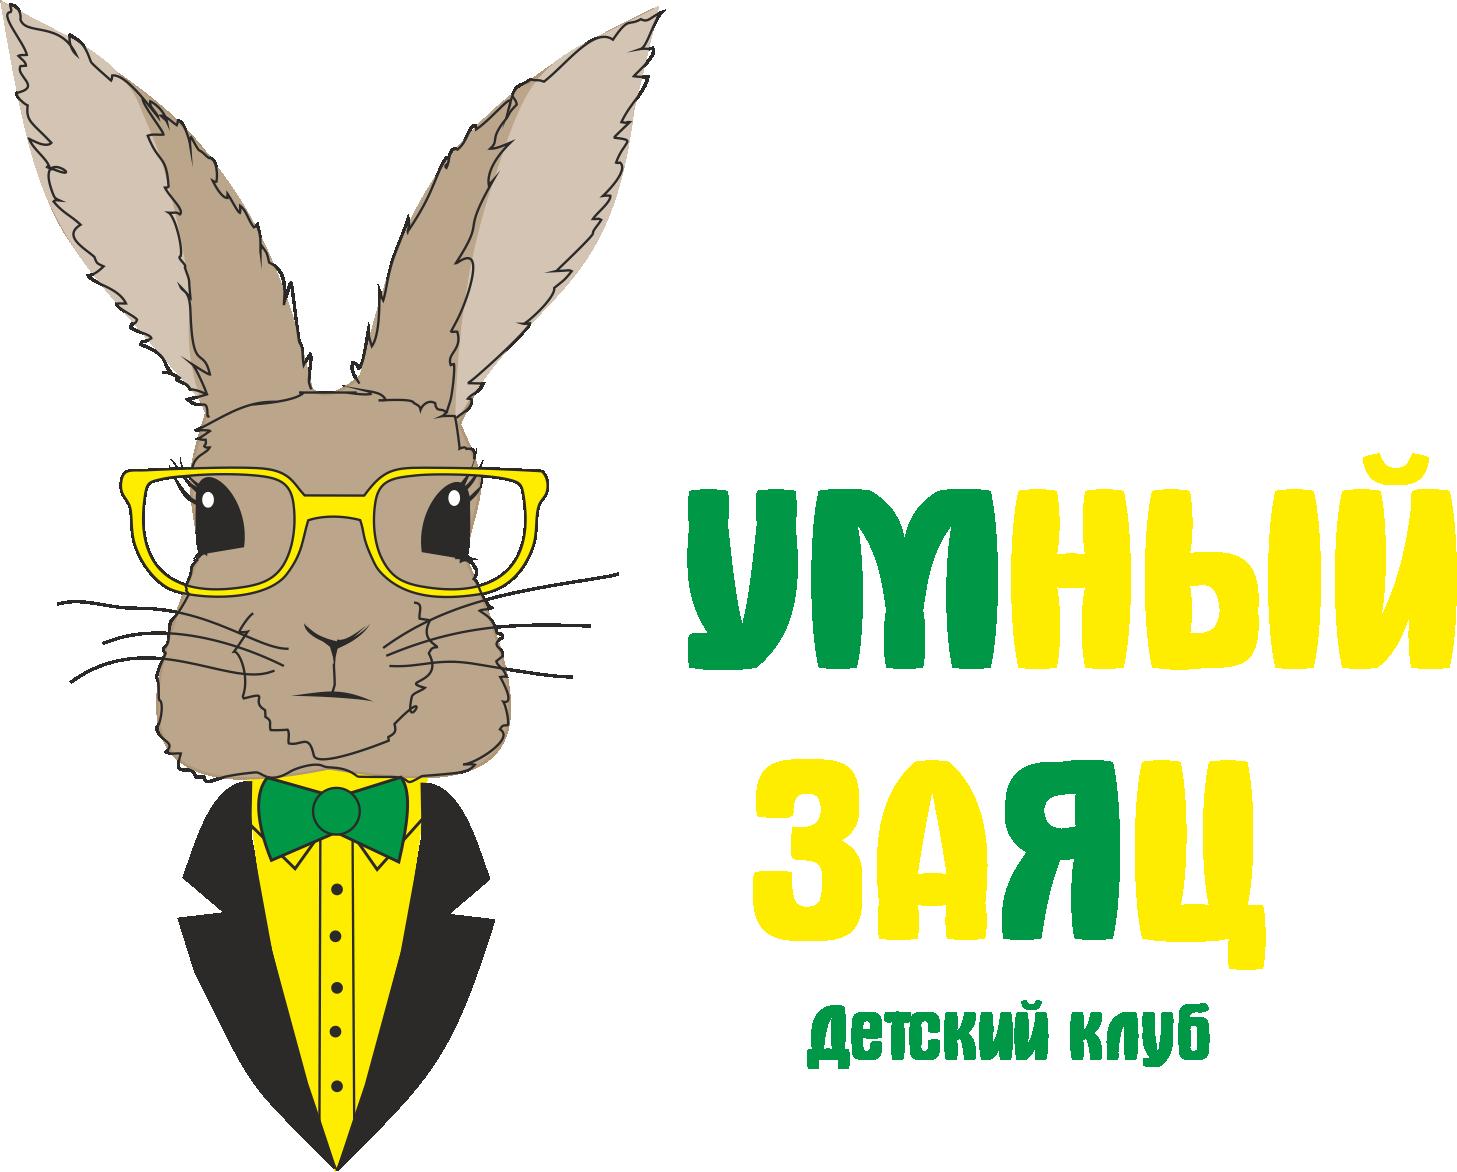 Разработать логотип и фирменный стиль детского клуба фото f_02955520a741428a.png